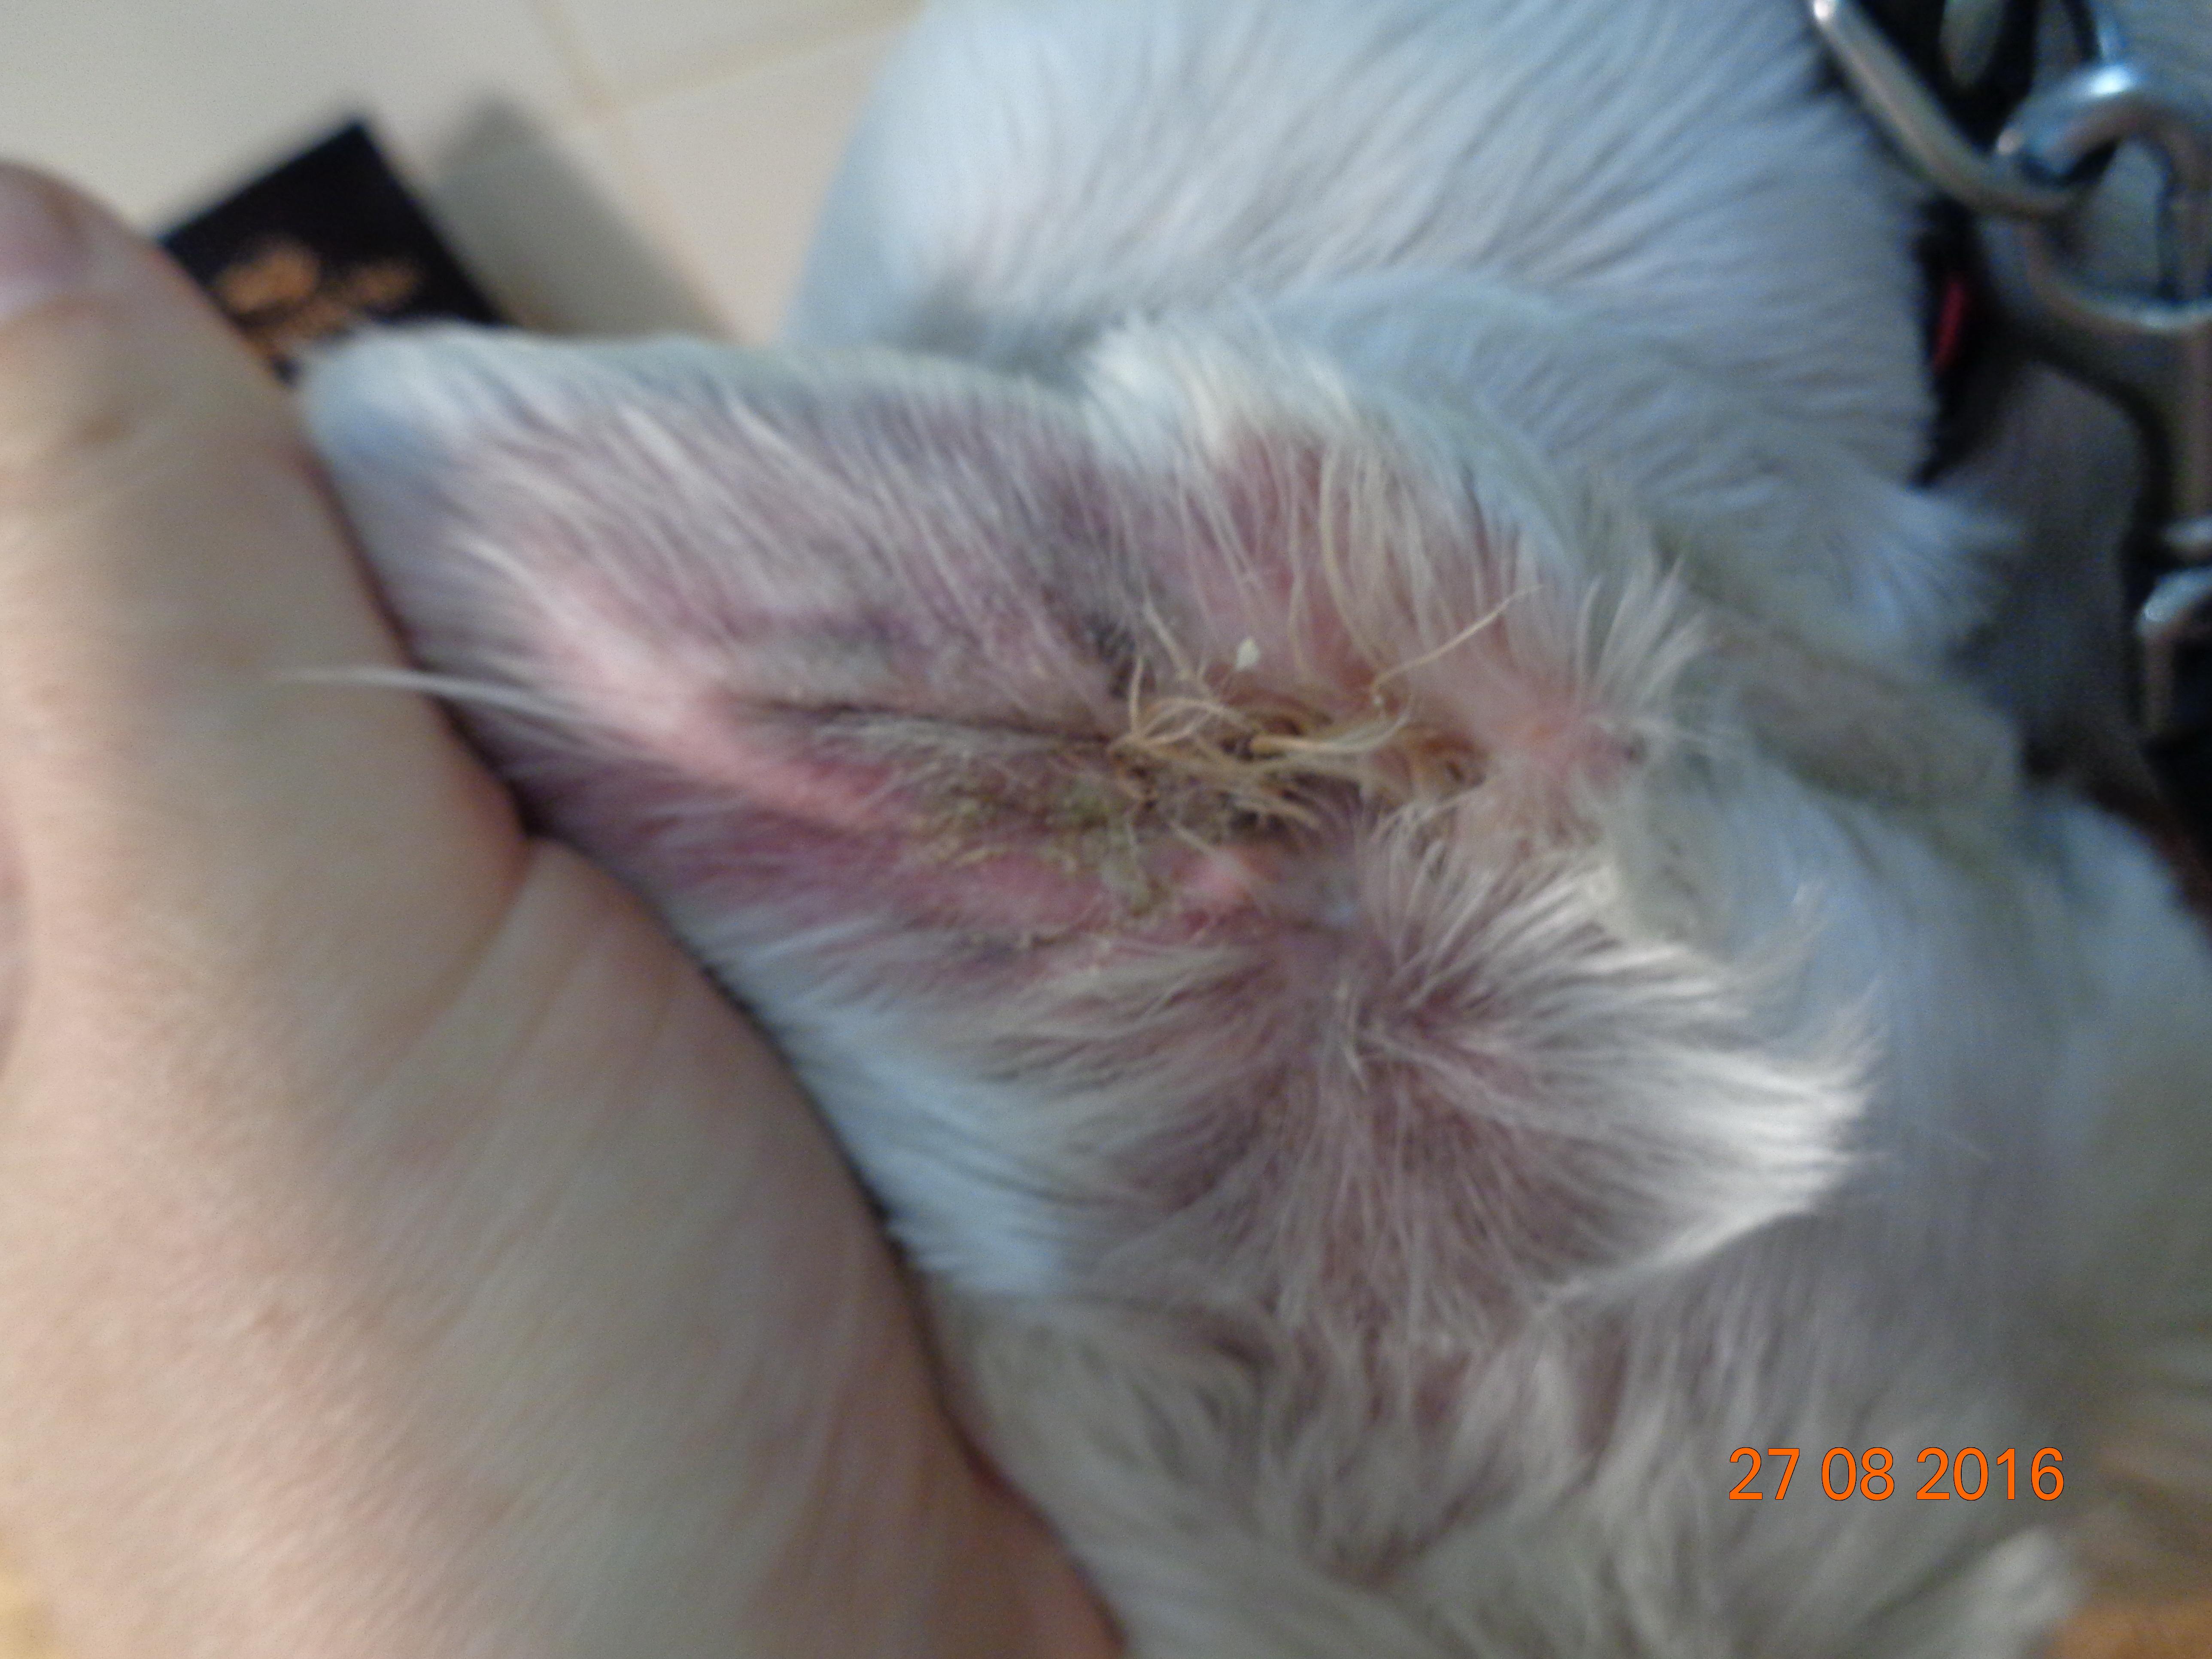 Фото 1b (ушная раковина) и 2b (вентральная поверхность хвоста). Та же собака на фоне использования Лекадерма – значительное снижение зуда, уменьшение лихенификации и шелушения